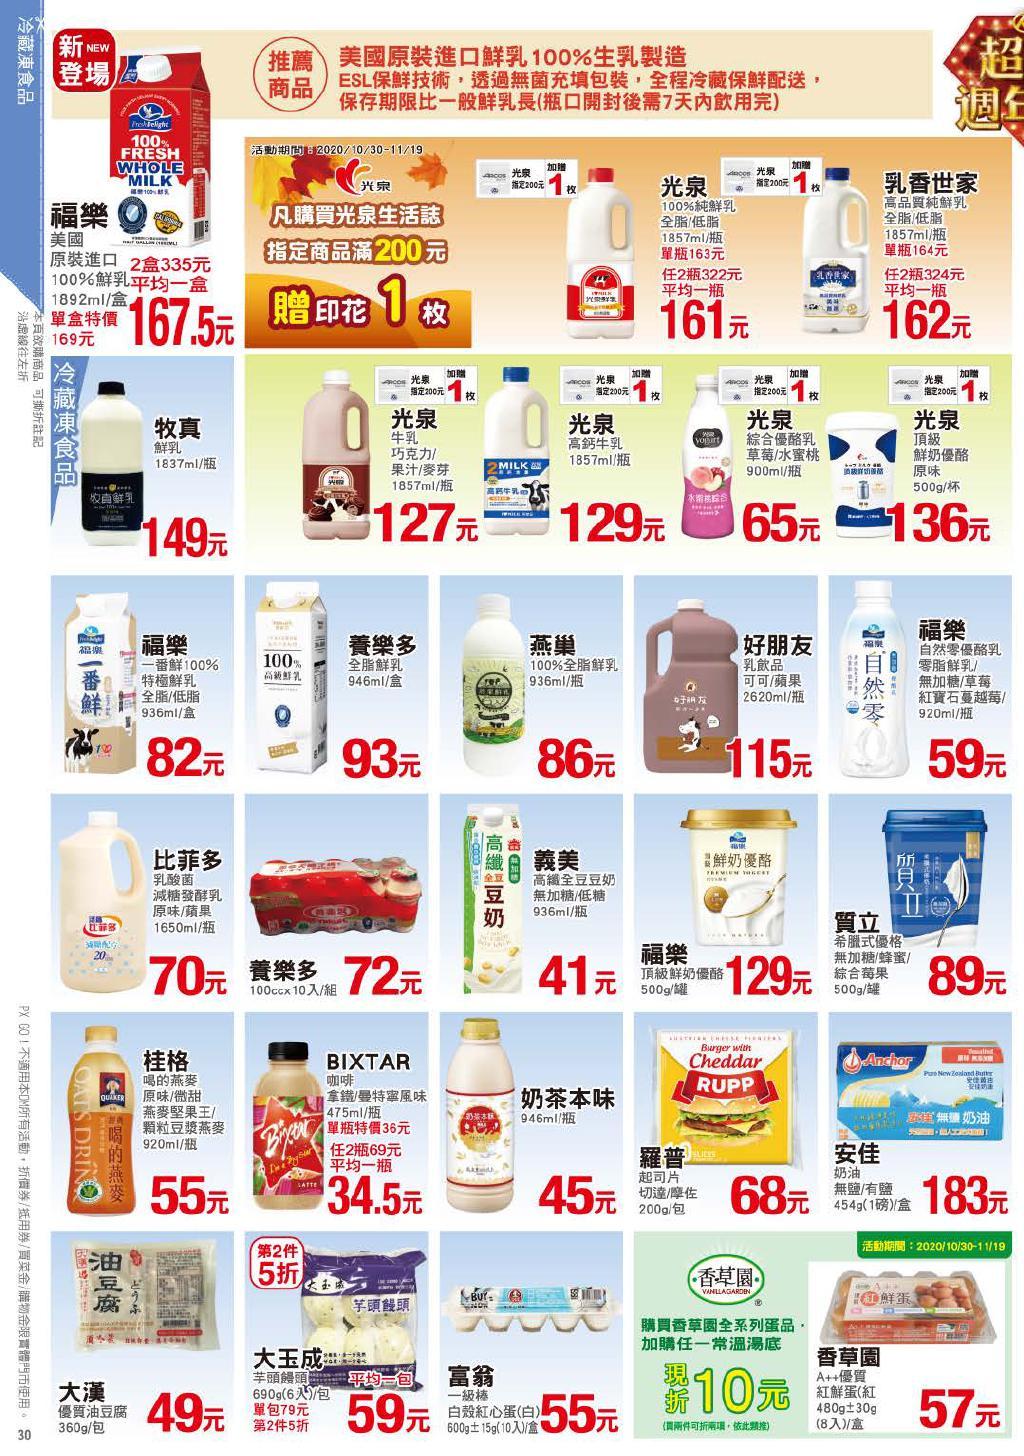 pxmart20201119_000030.jpg